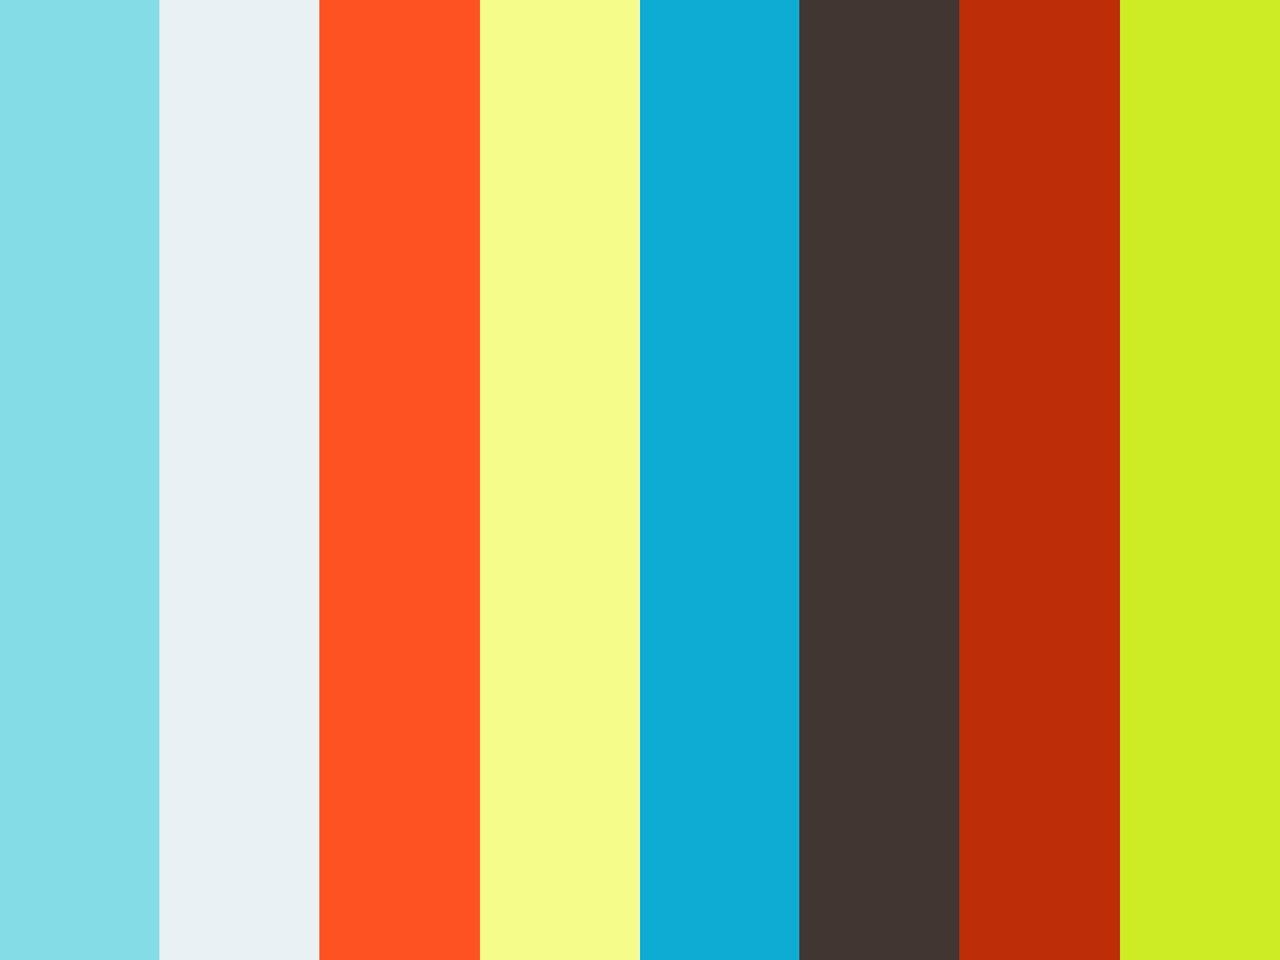 SMPTE Color Bar